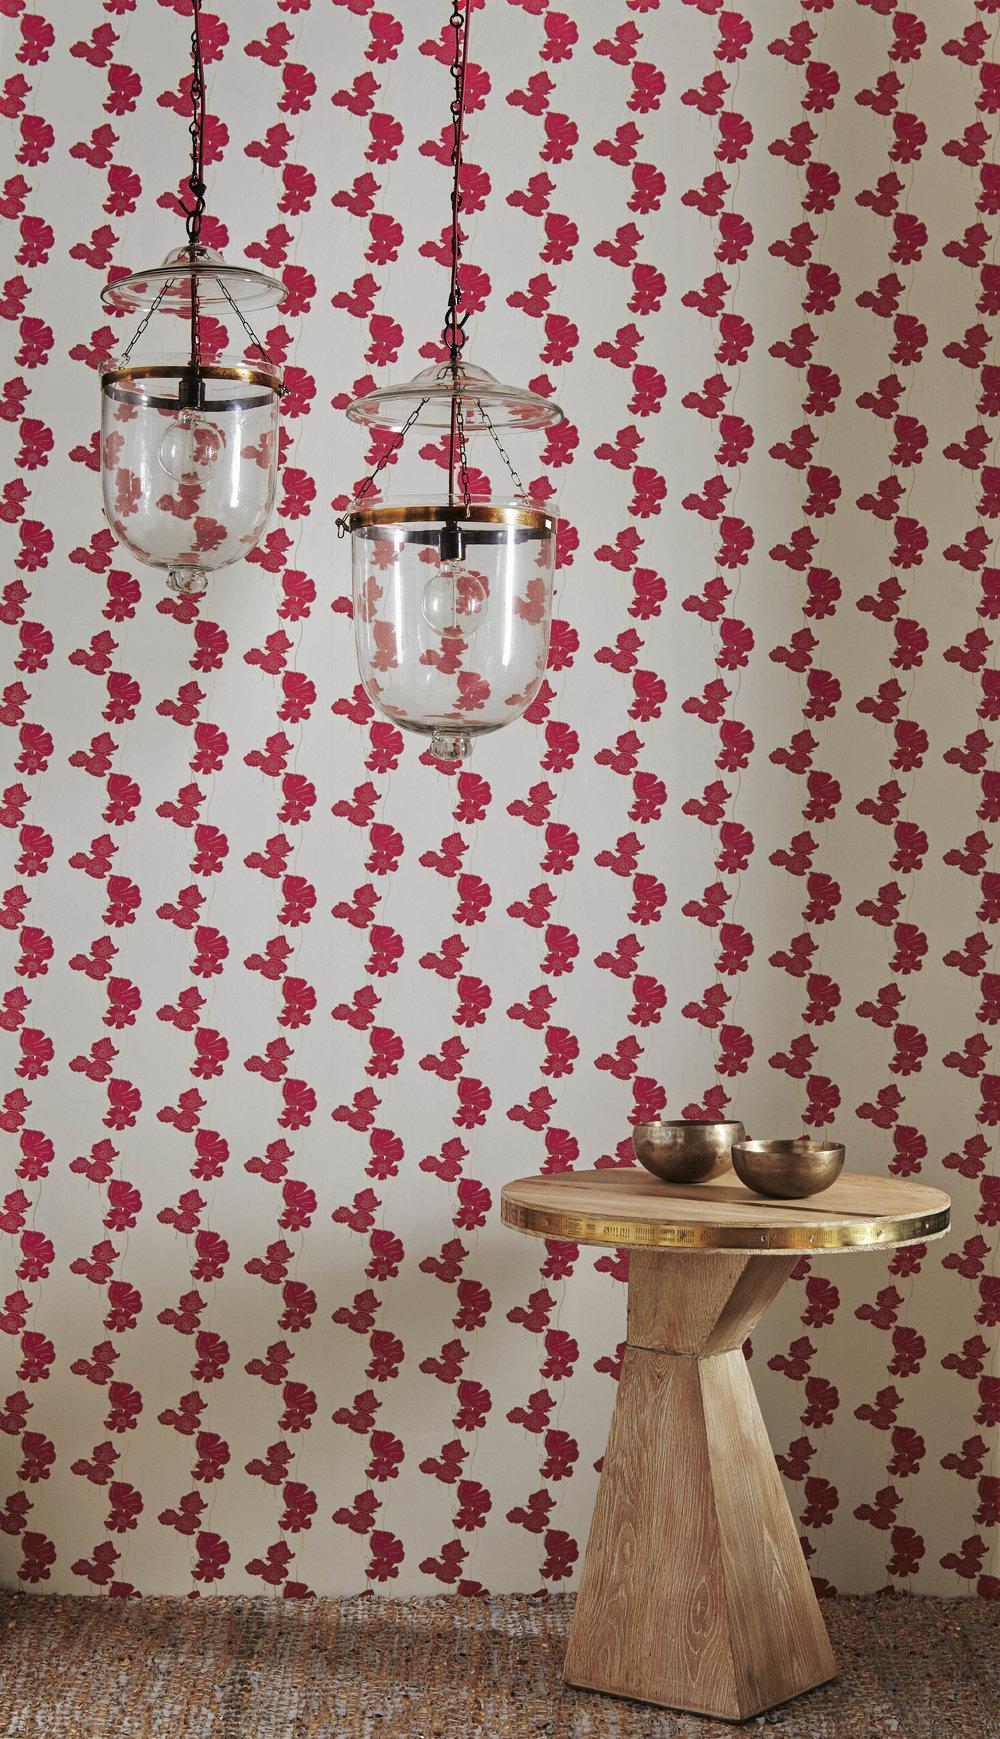 Barneby Gates - Poppy Fields - Red-Gold - Set shot.jpg